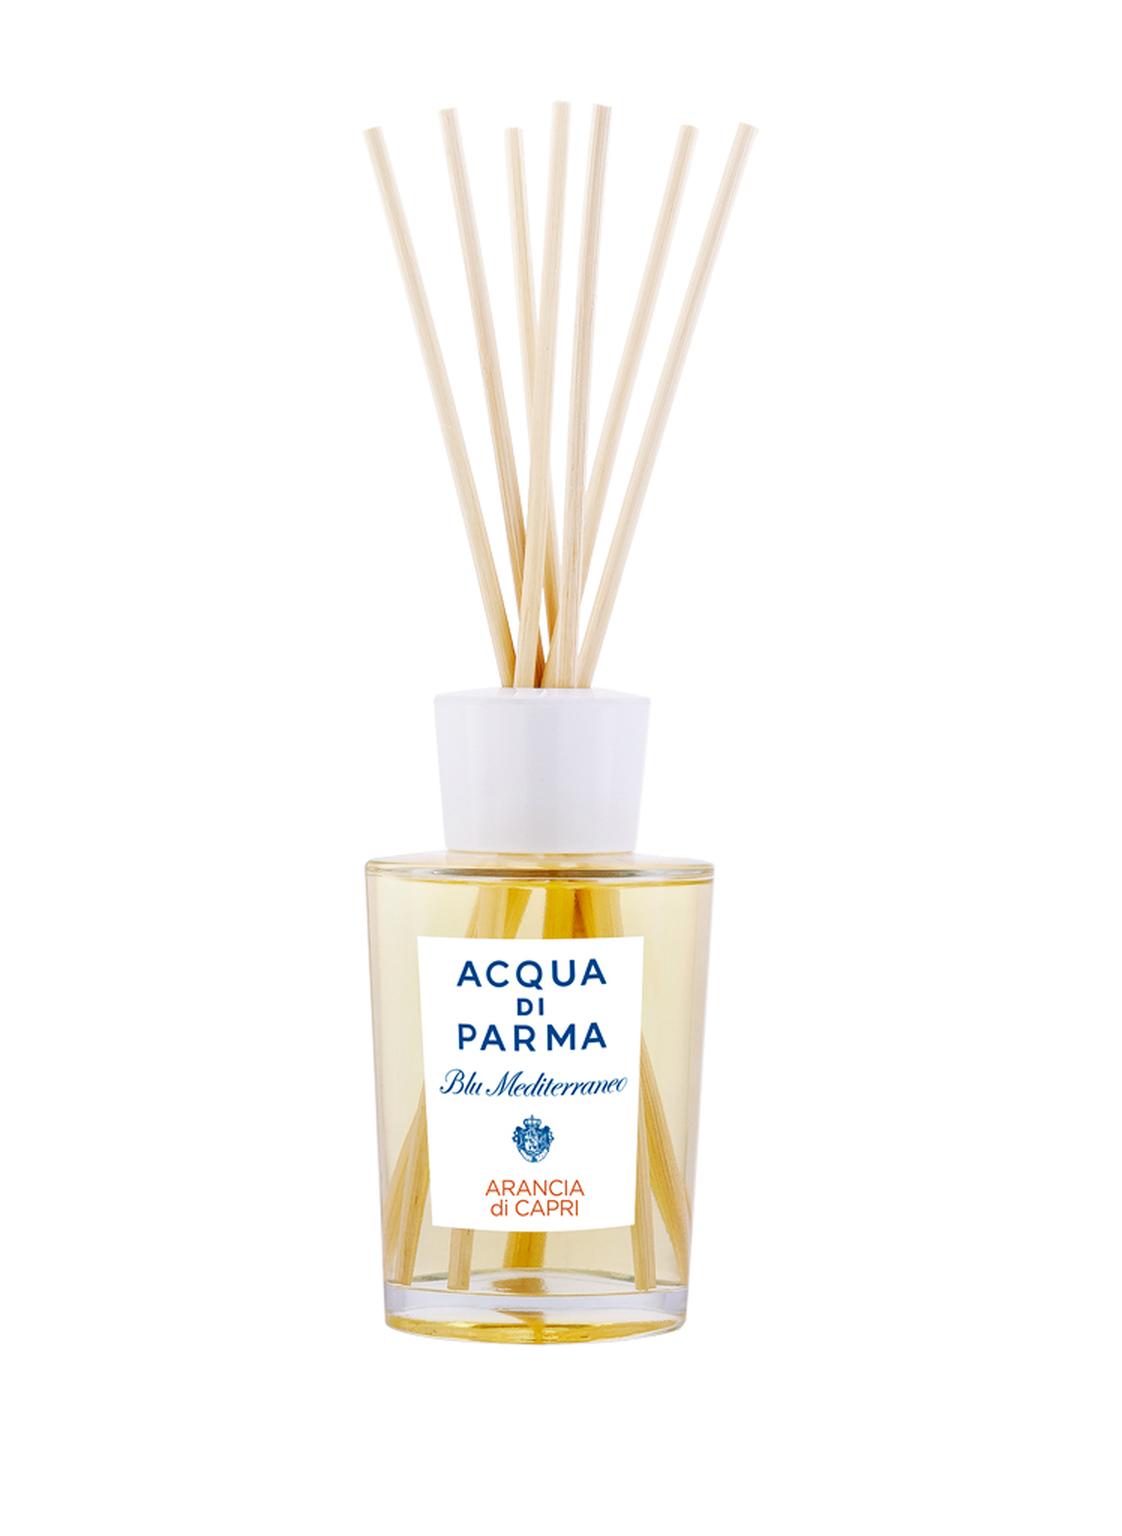 Image of Acqua Di Parma Arancia Di Capri Raumduft 180 ml